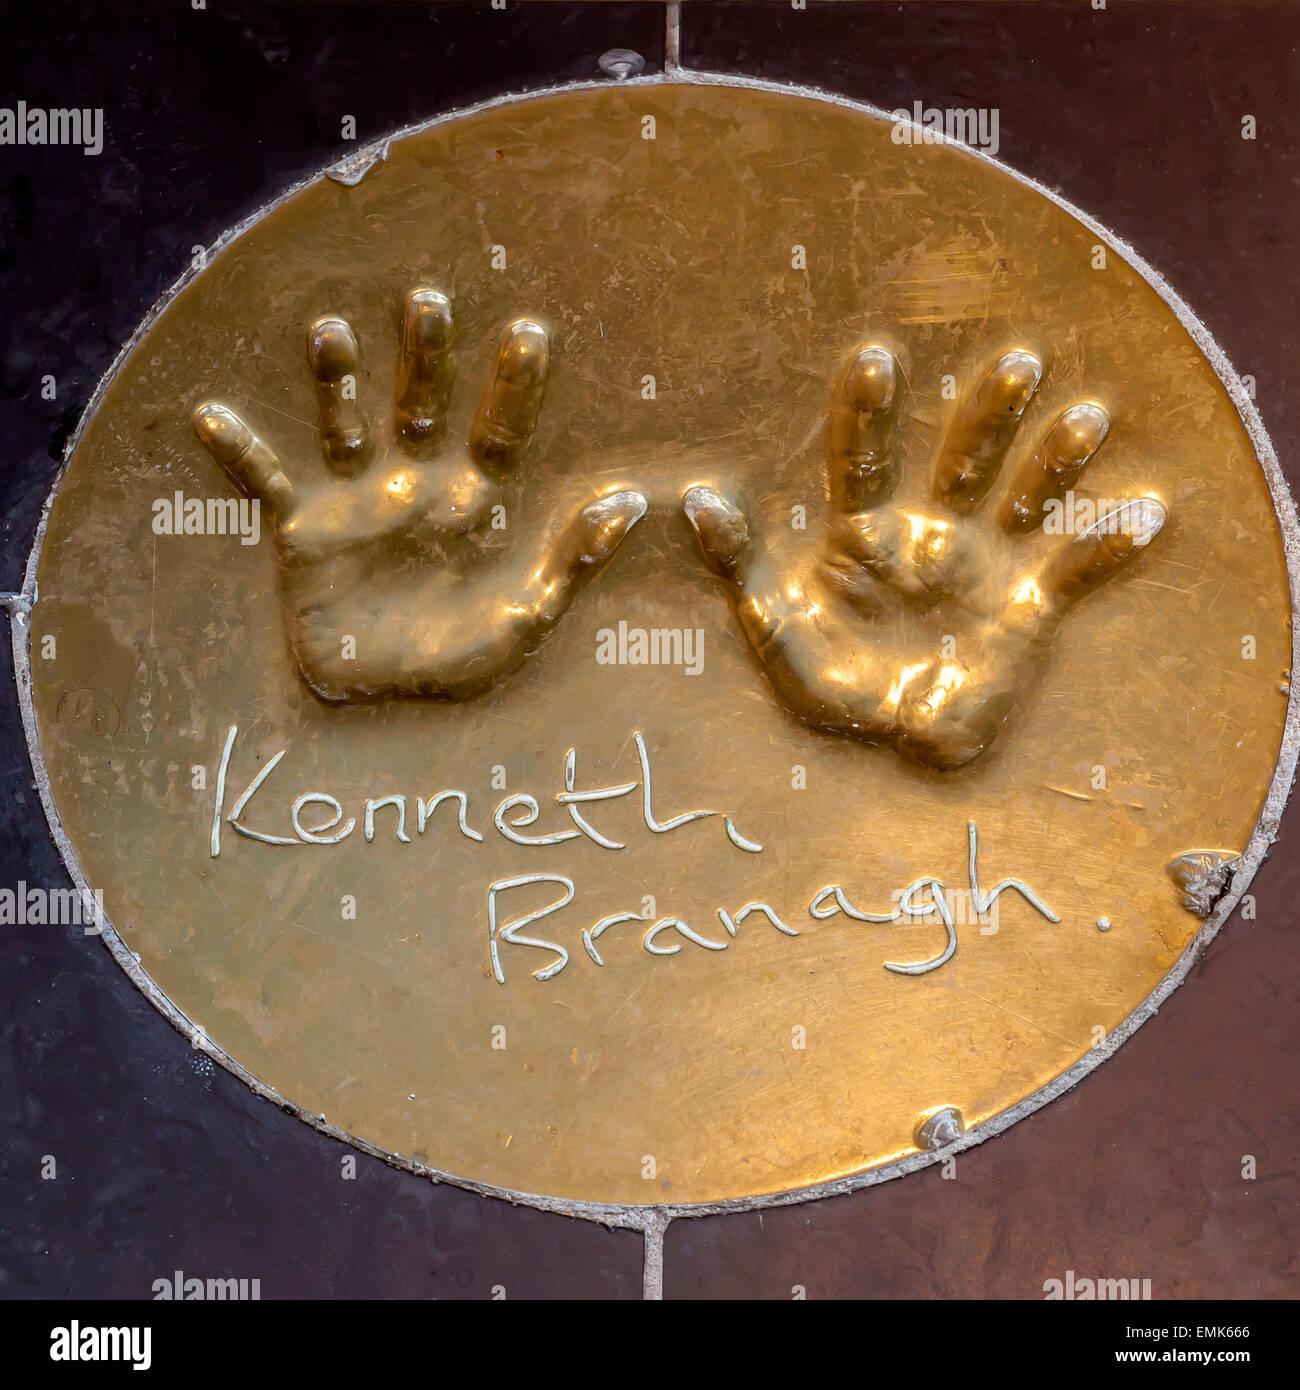 Handabdrücke der britische Schauspieler Kenneth Branagh auf dem Boden vor einem Londoner Kino, London, England, Stockbild